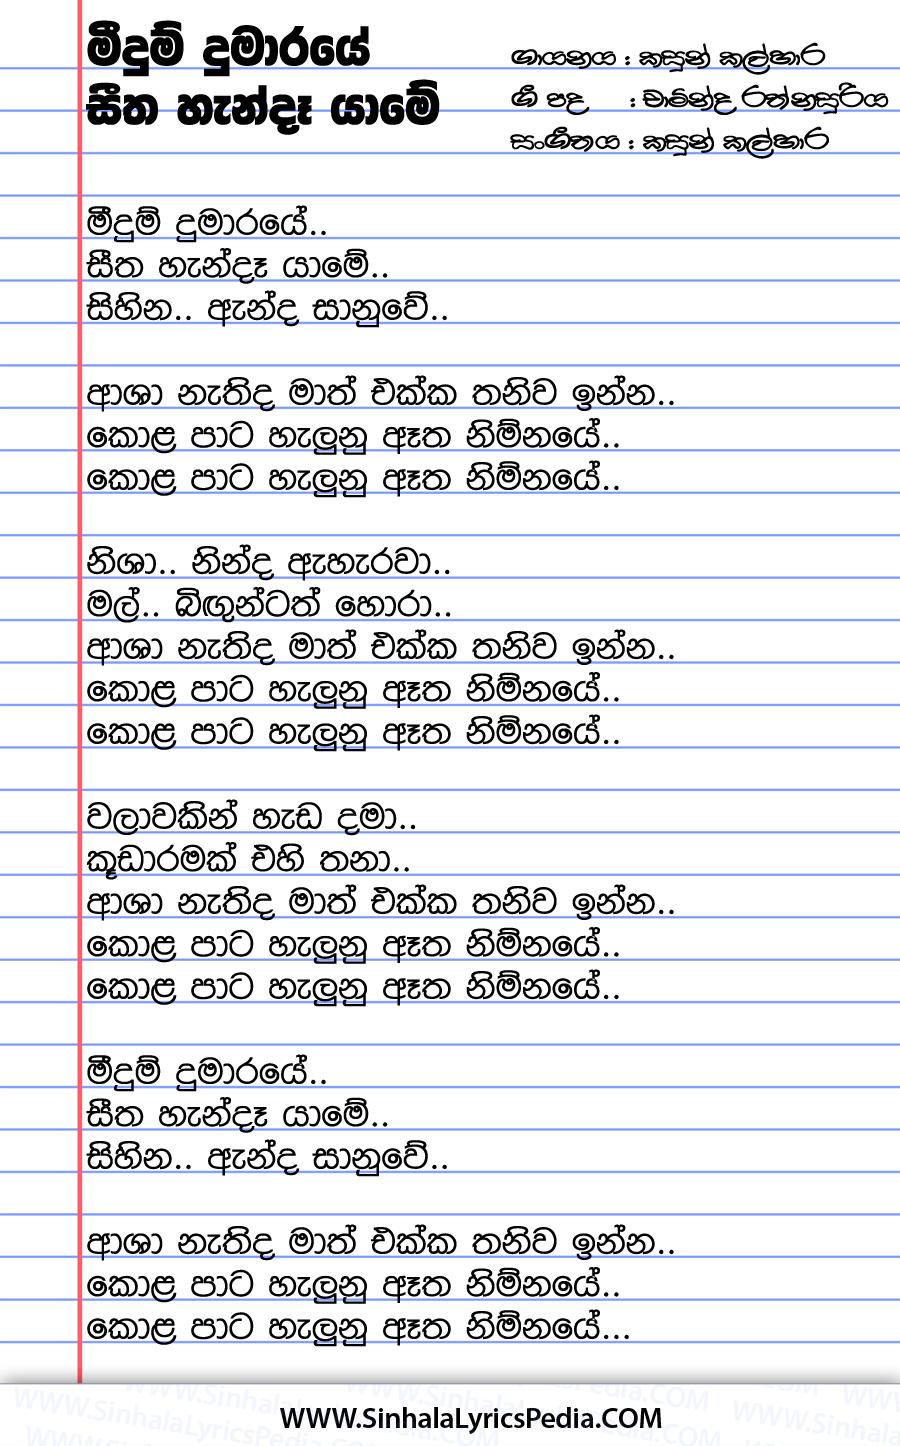 Meedum Dumaraye Seetha Handayame Song Lyrics